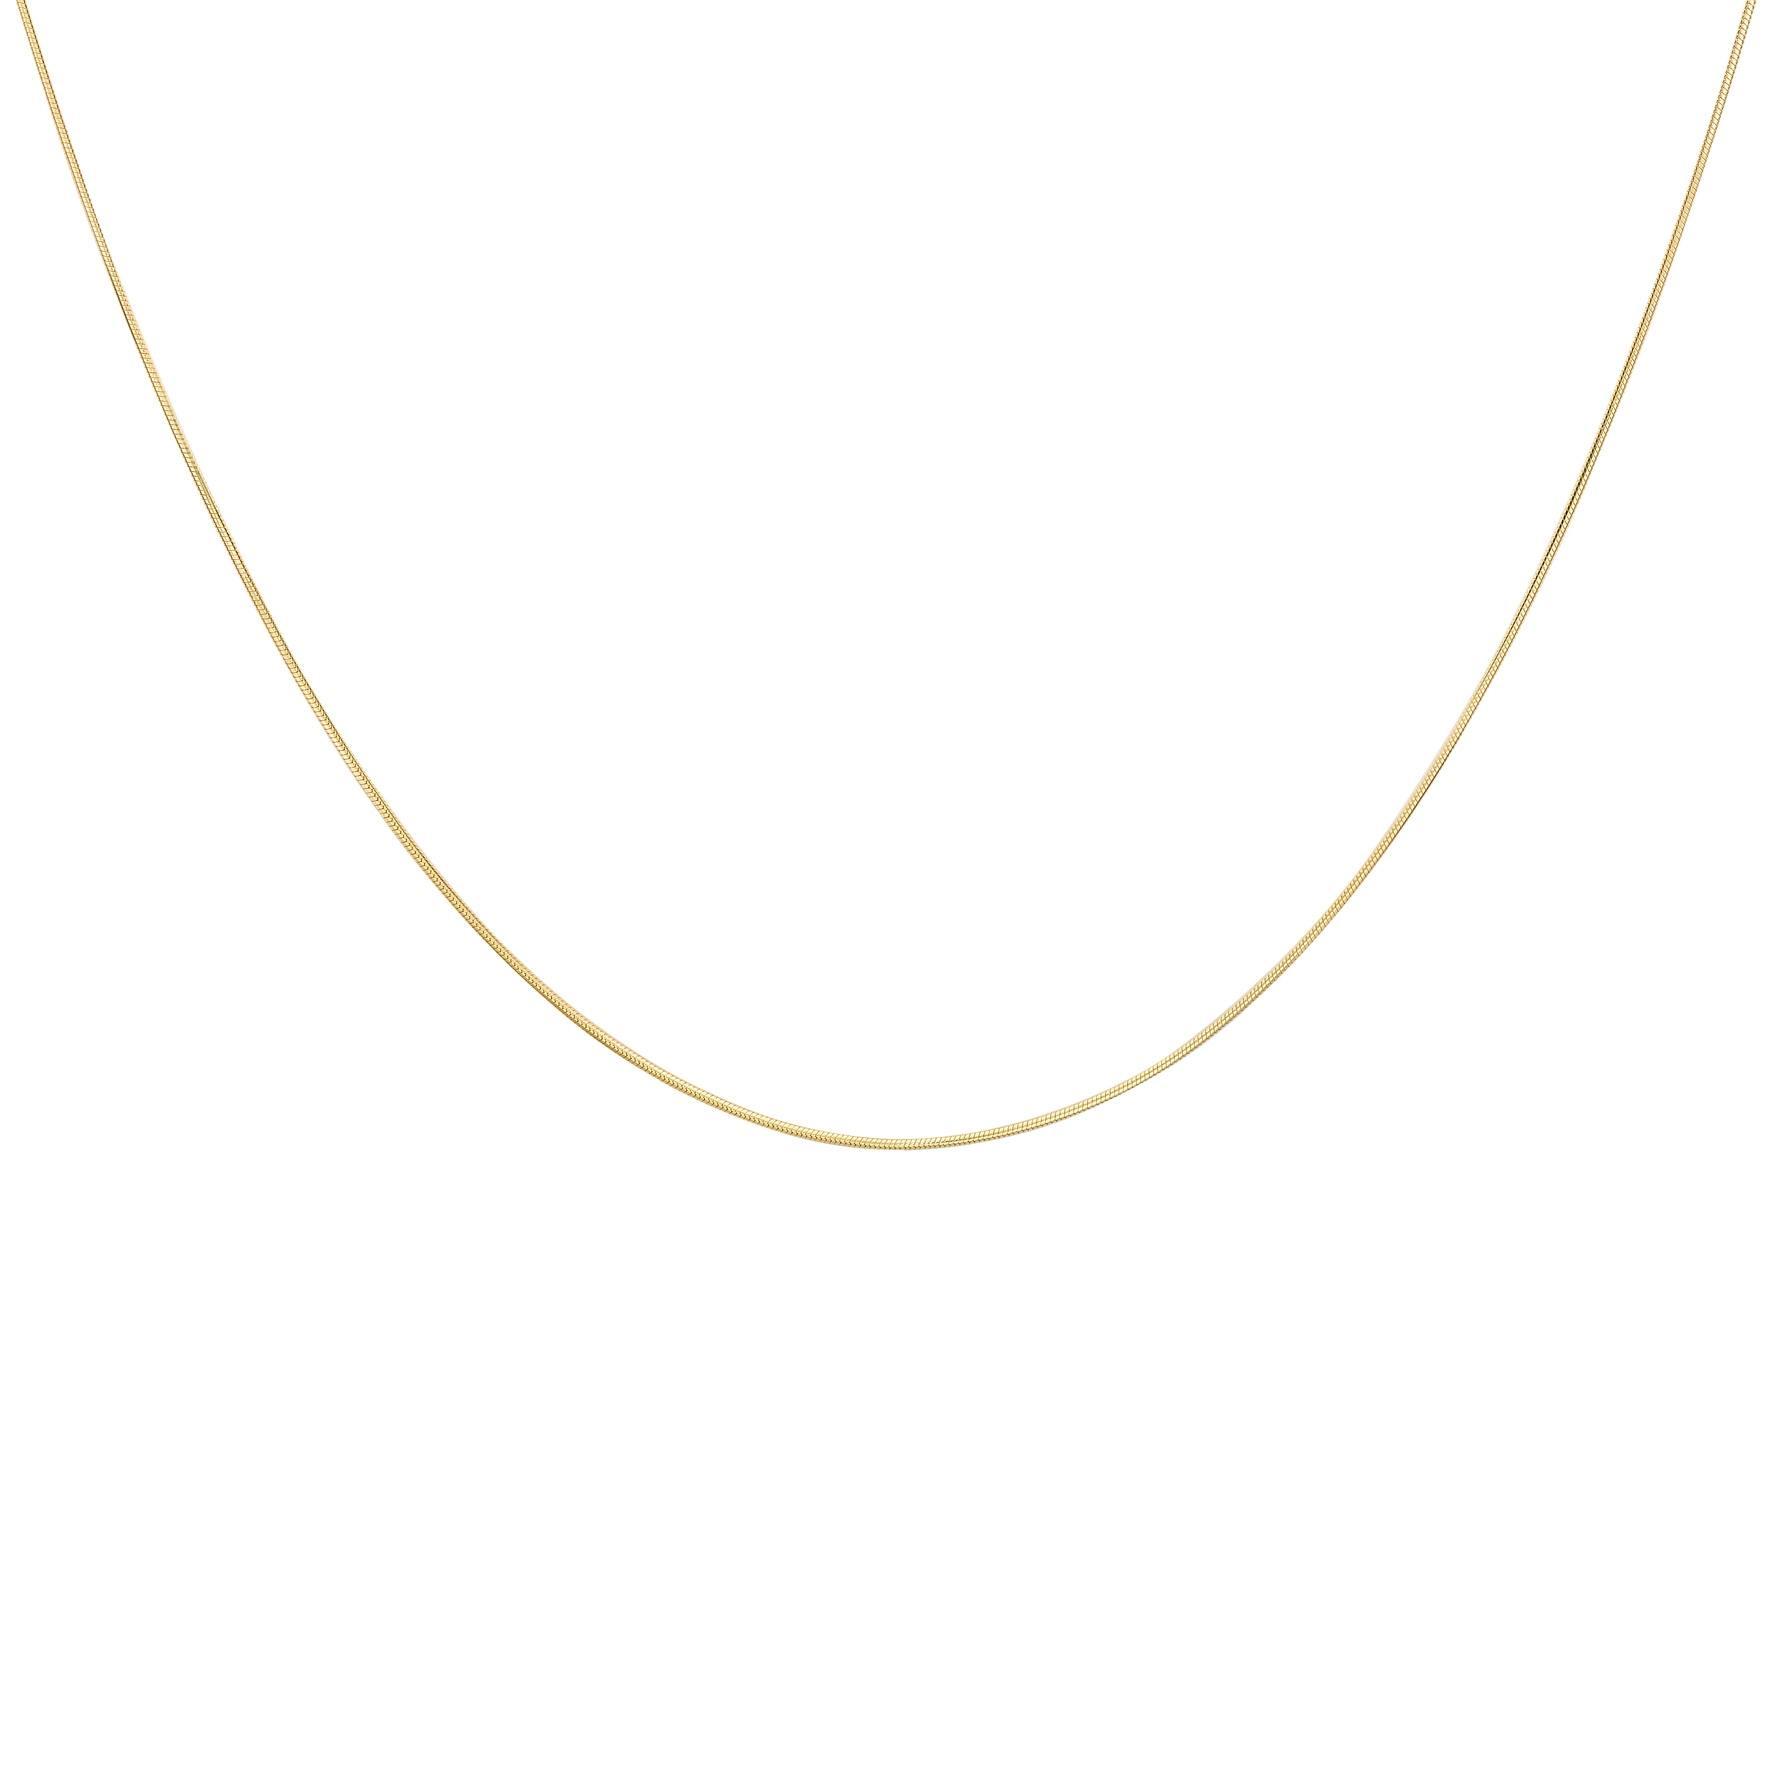 Halsband 9K Guld -Ormlänk 46 cm